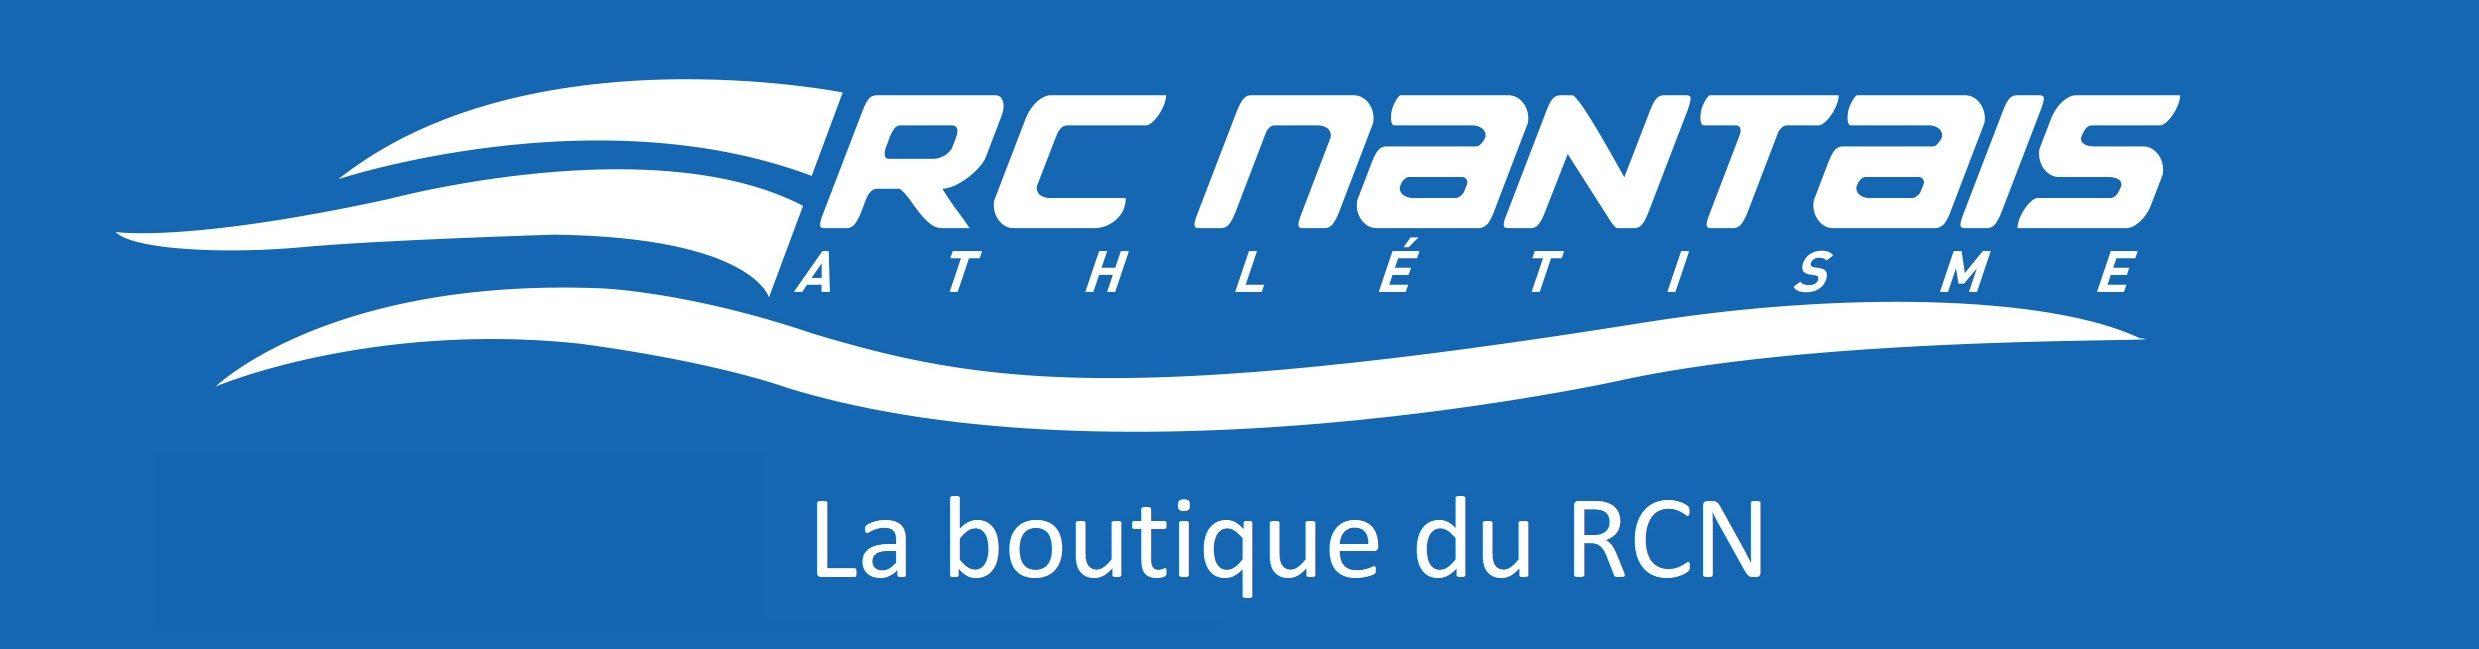 La Boutique du RCN